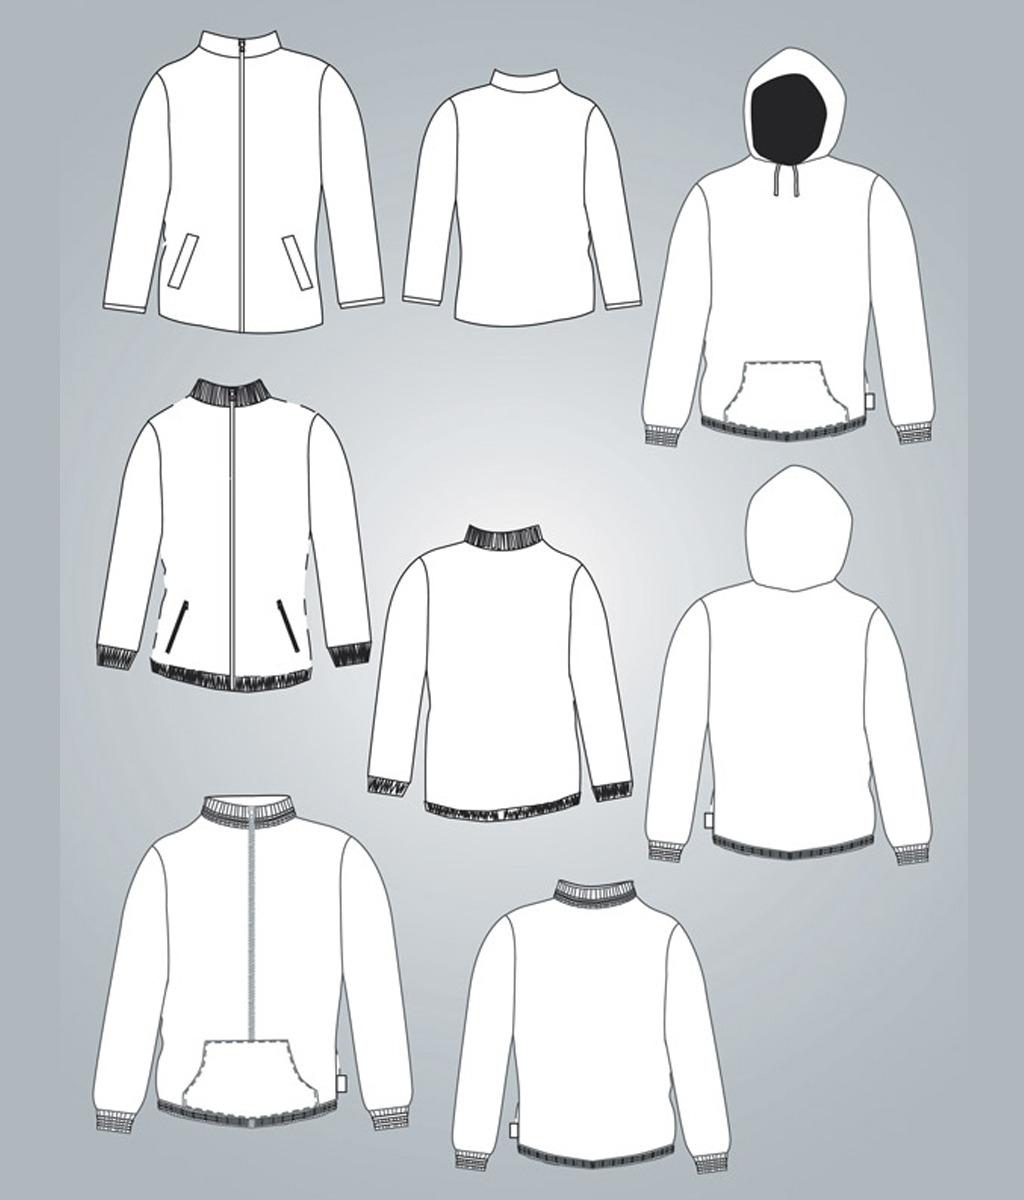 卫衣服装设计模板矢量素材